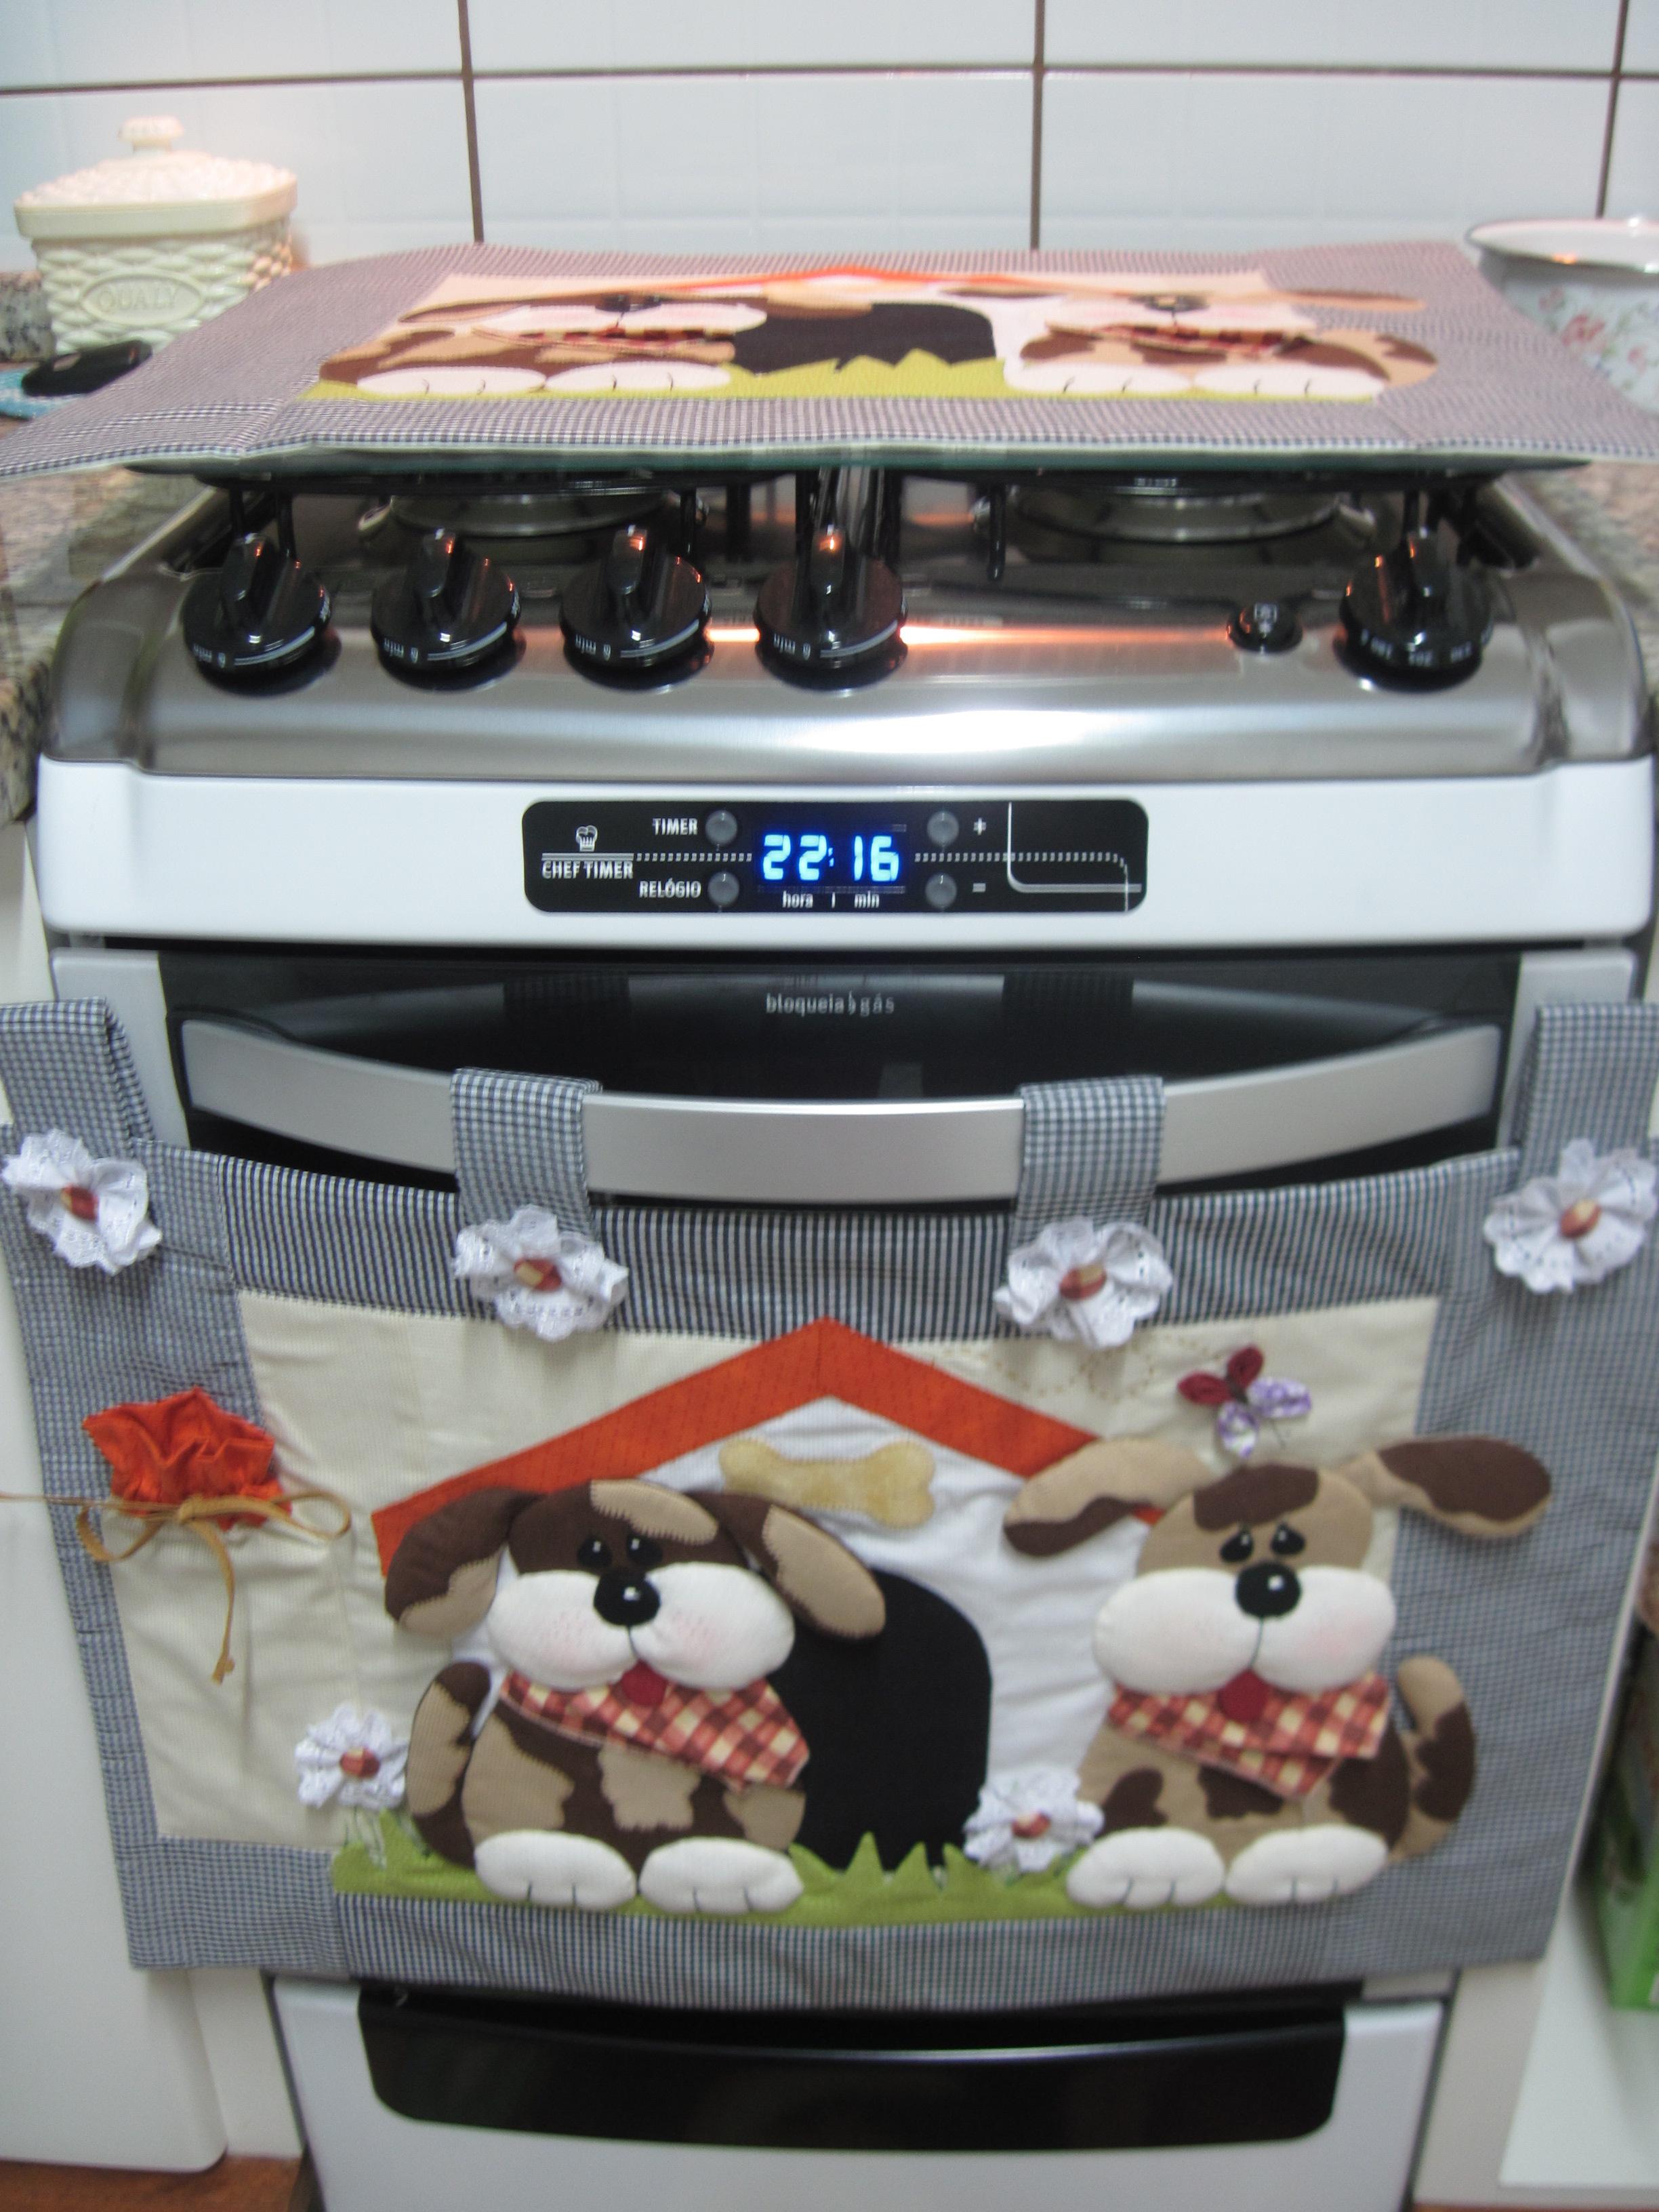 Cobre forno 6 5 4 bocas 2 pe as arteacalanto elo7 - Decoracion de cocina con vacas ...